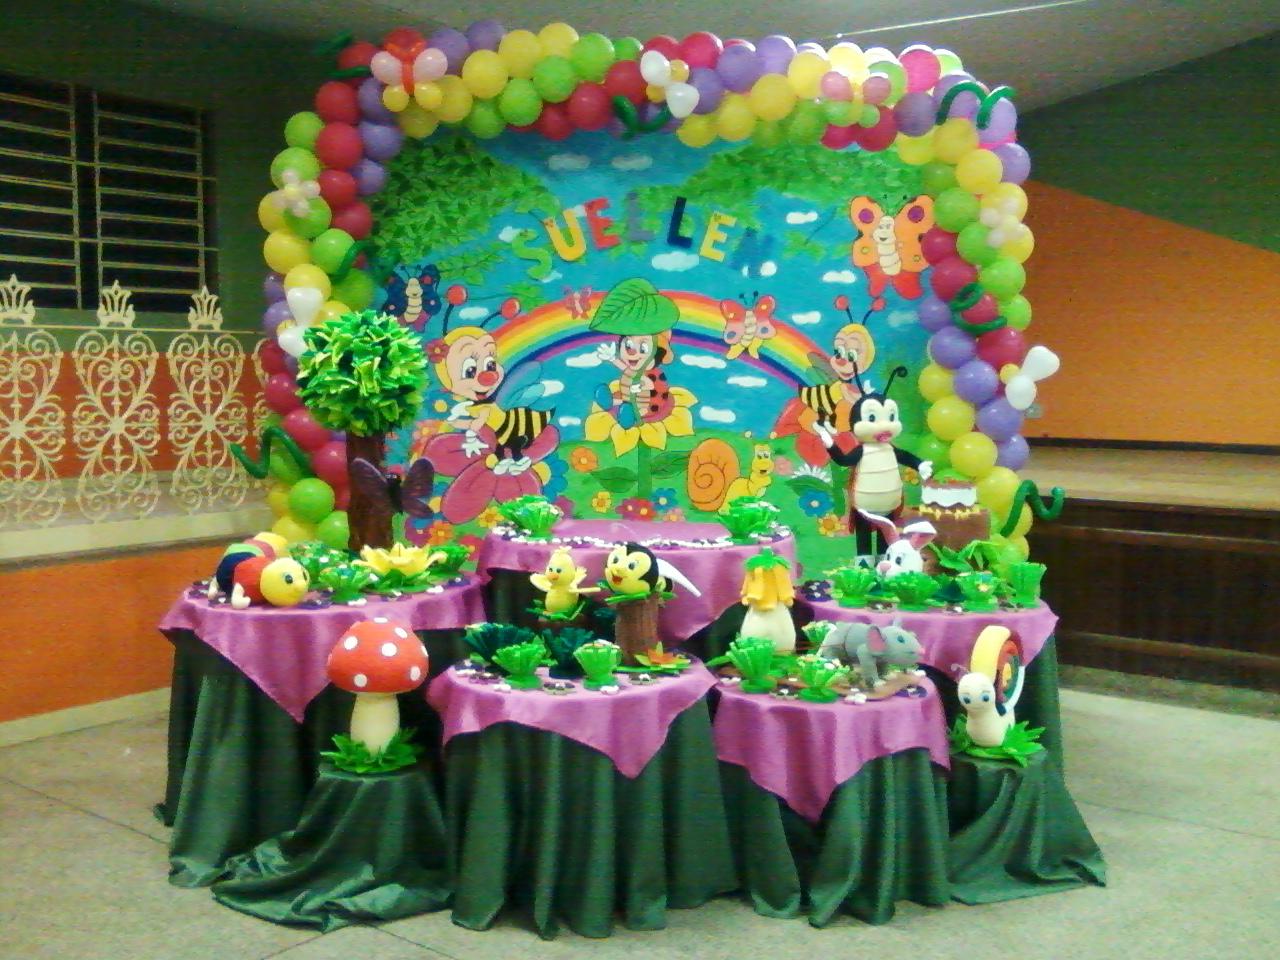 Festas e Decorações Decoração de aniversário do Jardim Encantado